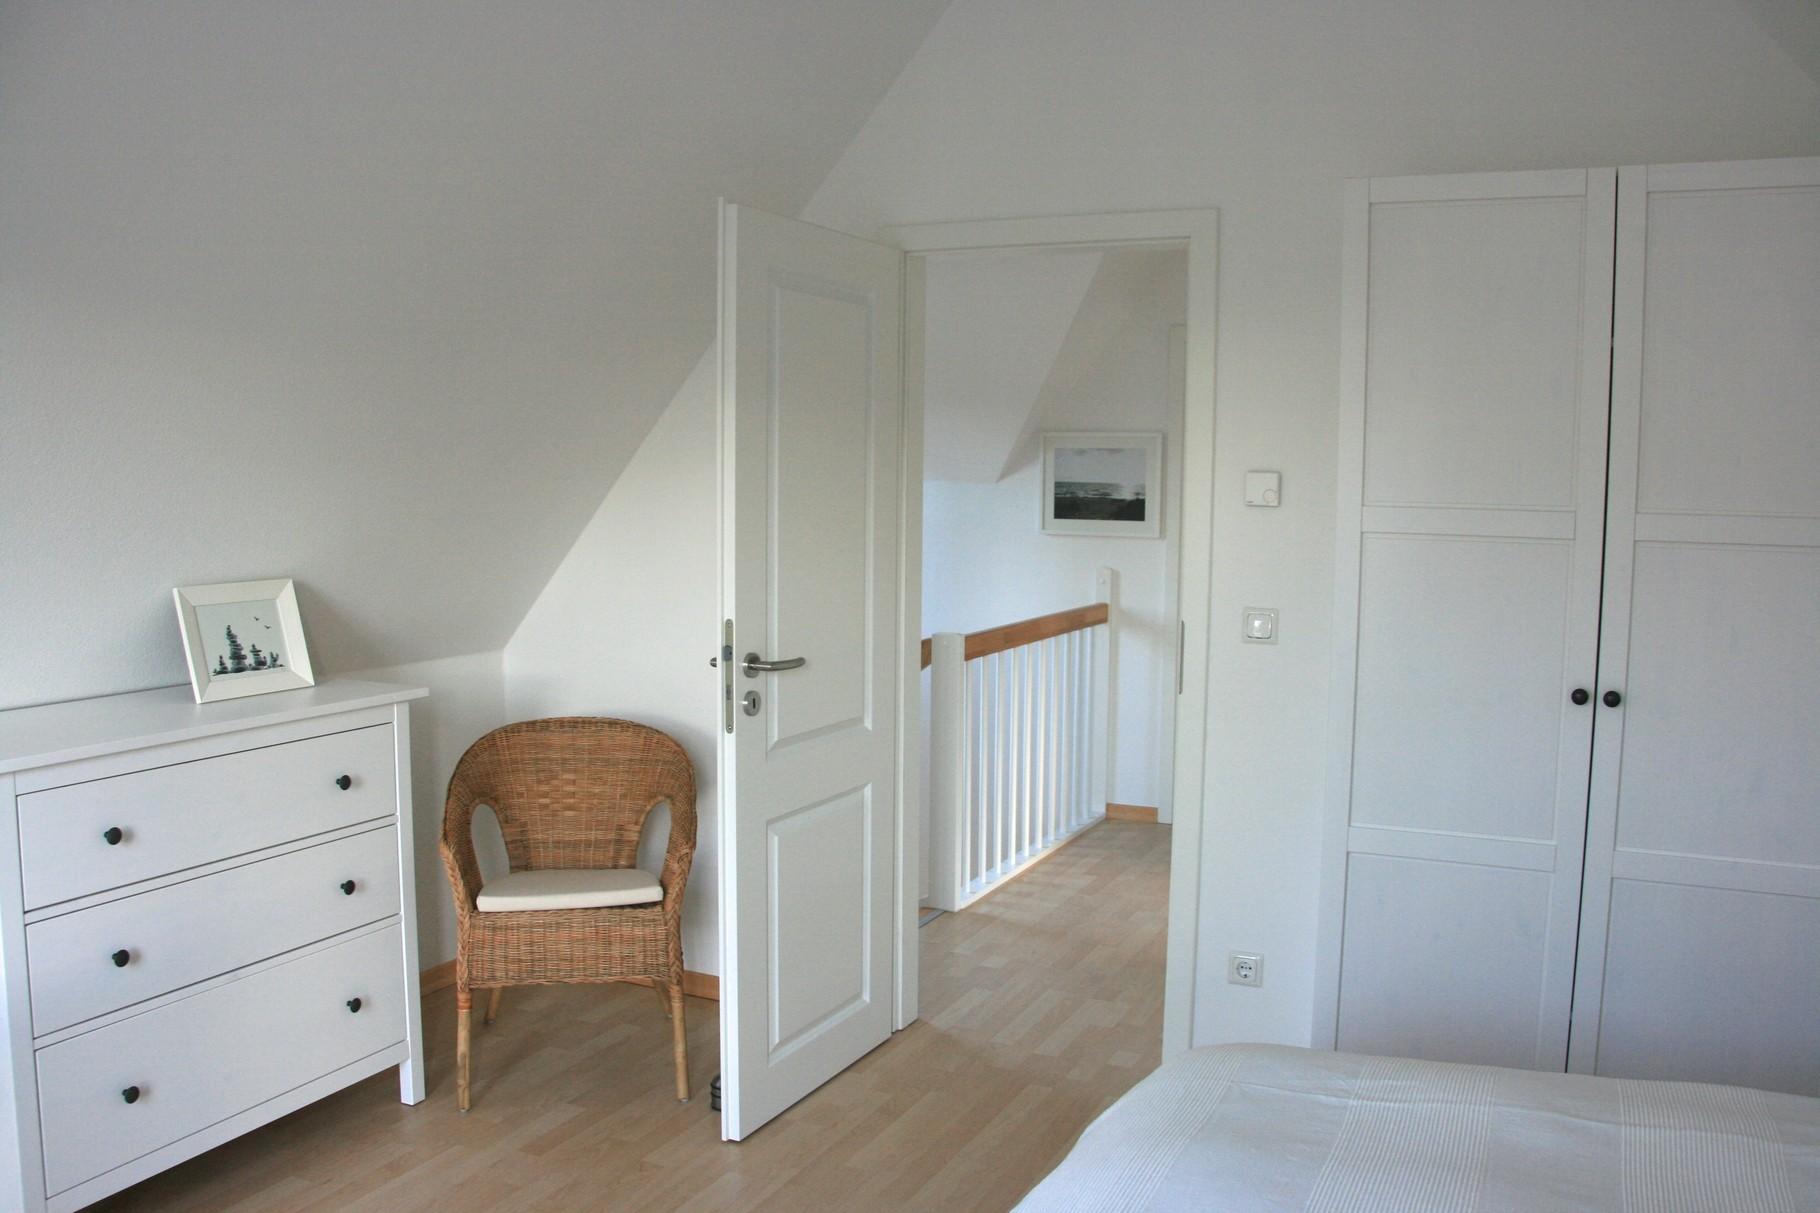 Schlafzimmer 1 mit Kommode und Kleiderschrank